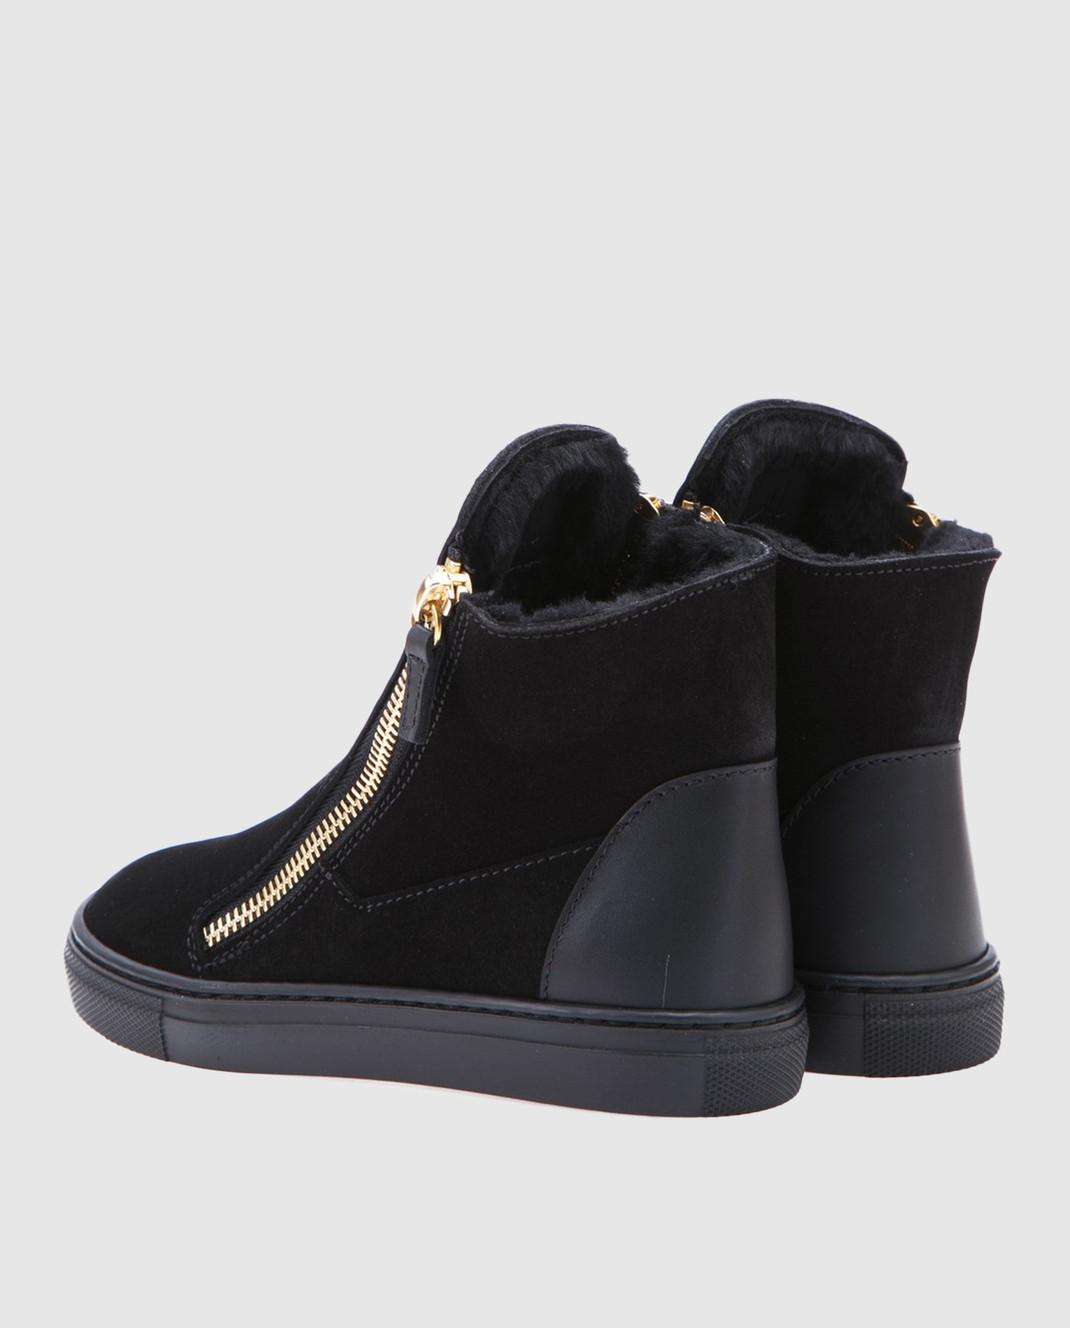 Giuseppe Zanotti Черные замшевые ботинки SBI7402002 изображение 3